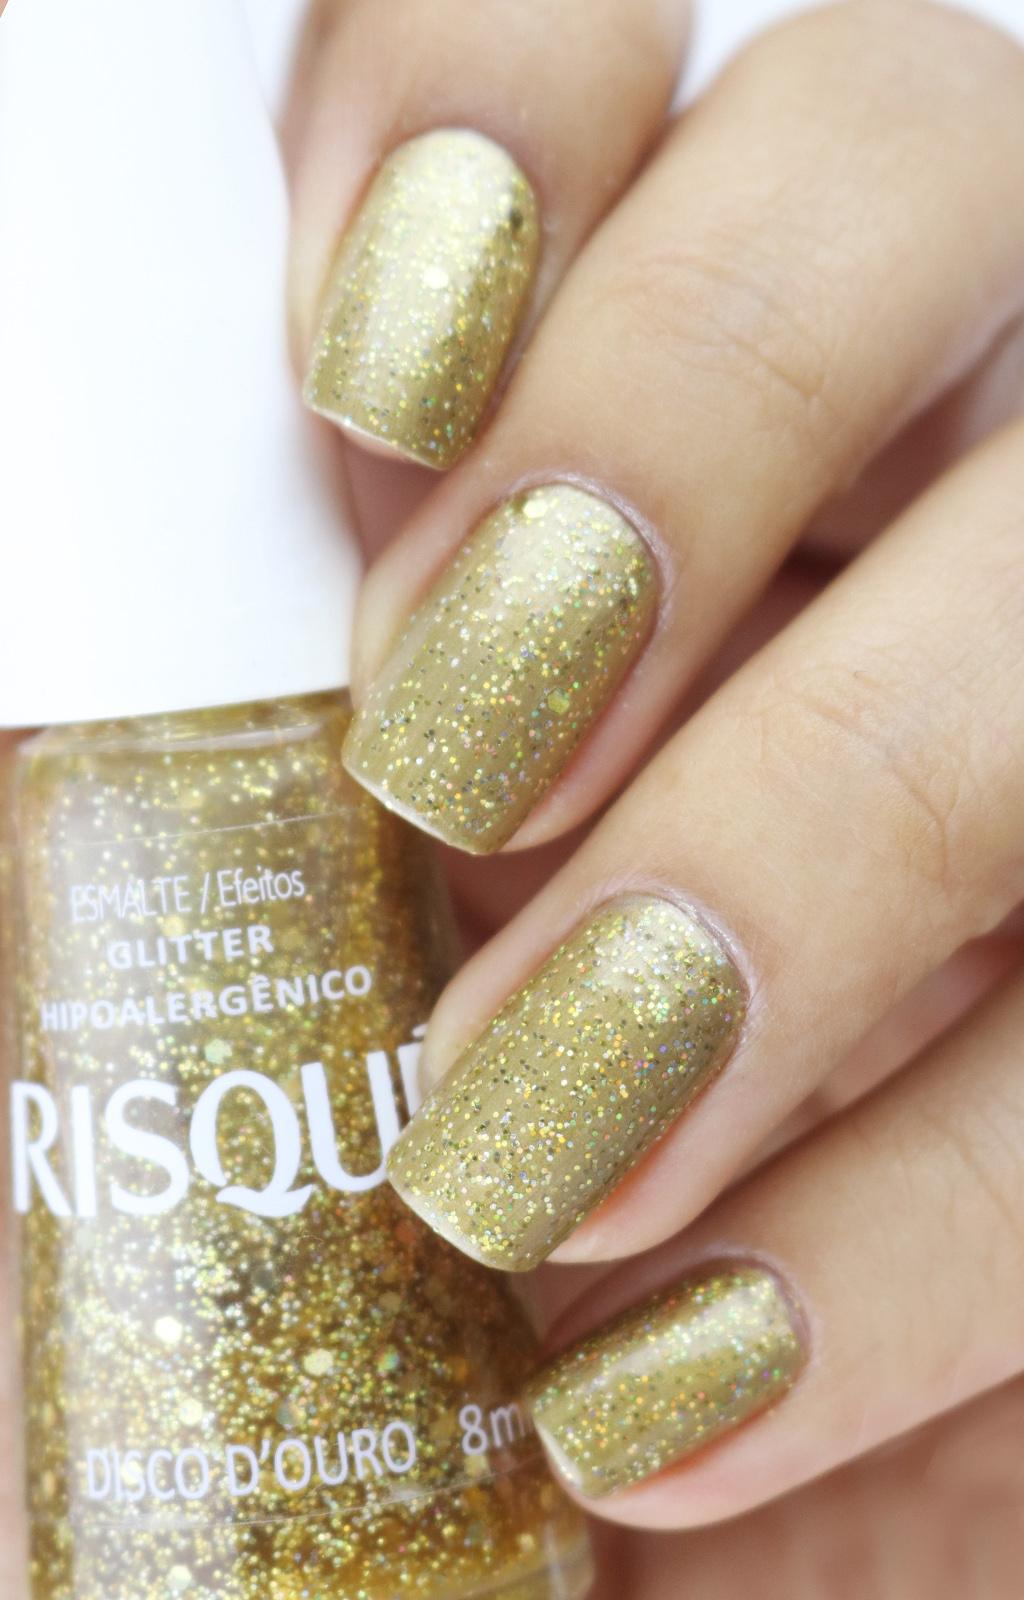 Risque_Disco_d_ouro